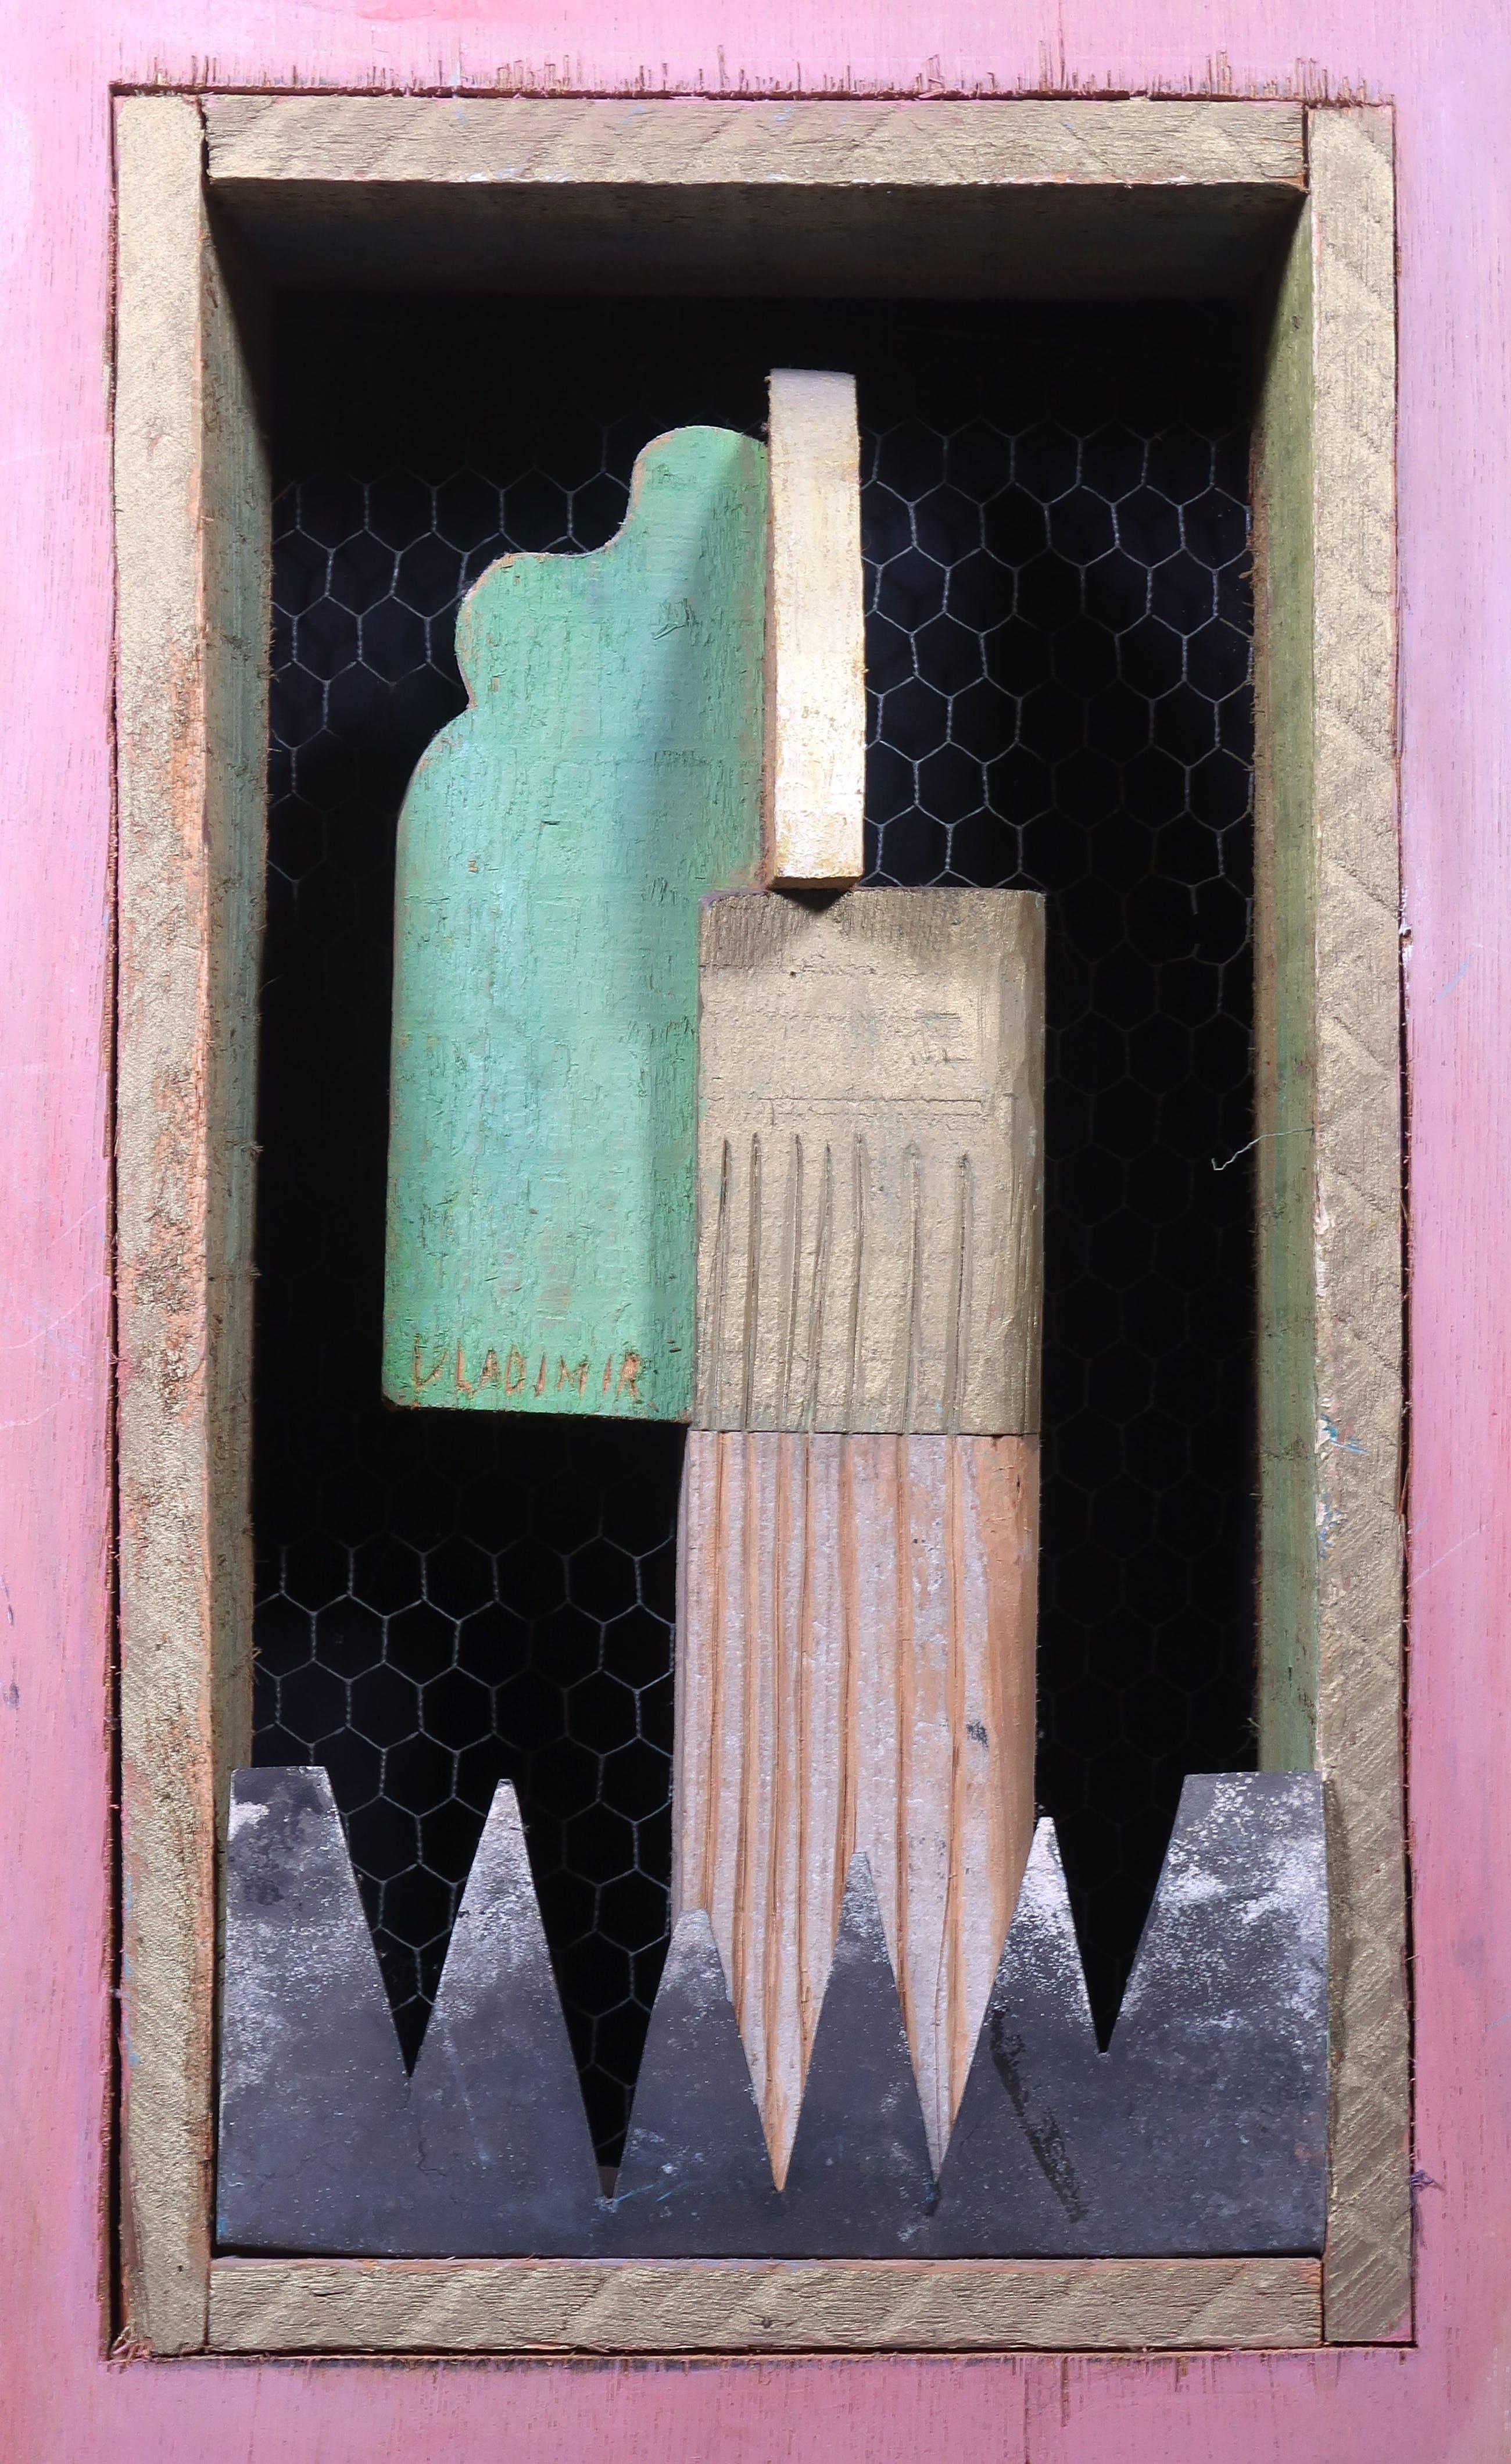 Vladimir Katic - Object van beschilderd hout en metaal, Monument voor een voorbijganger kopen? Bied vanaf 60!